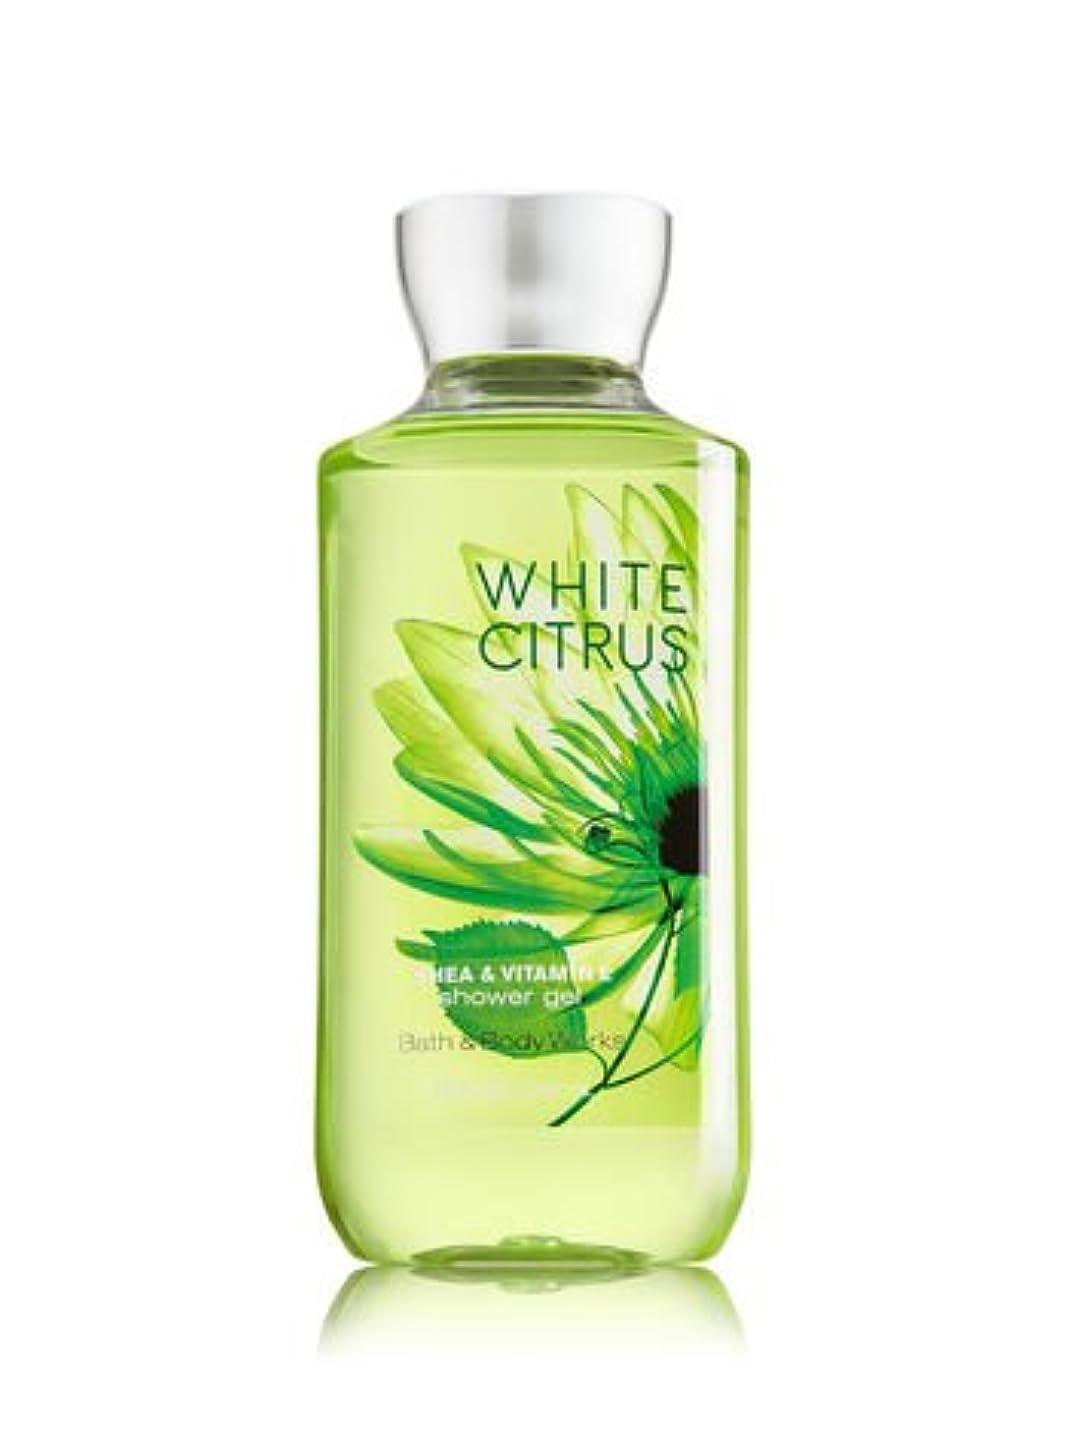 道路所有者煙バス&ボディワークス ホワイトシトラス シャワージェル White Citrus Shower Gel [並行輸入品]